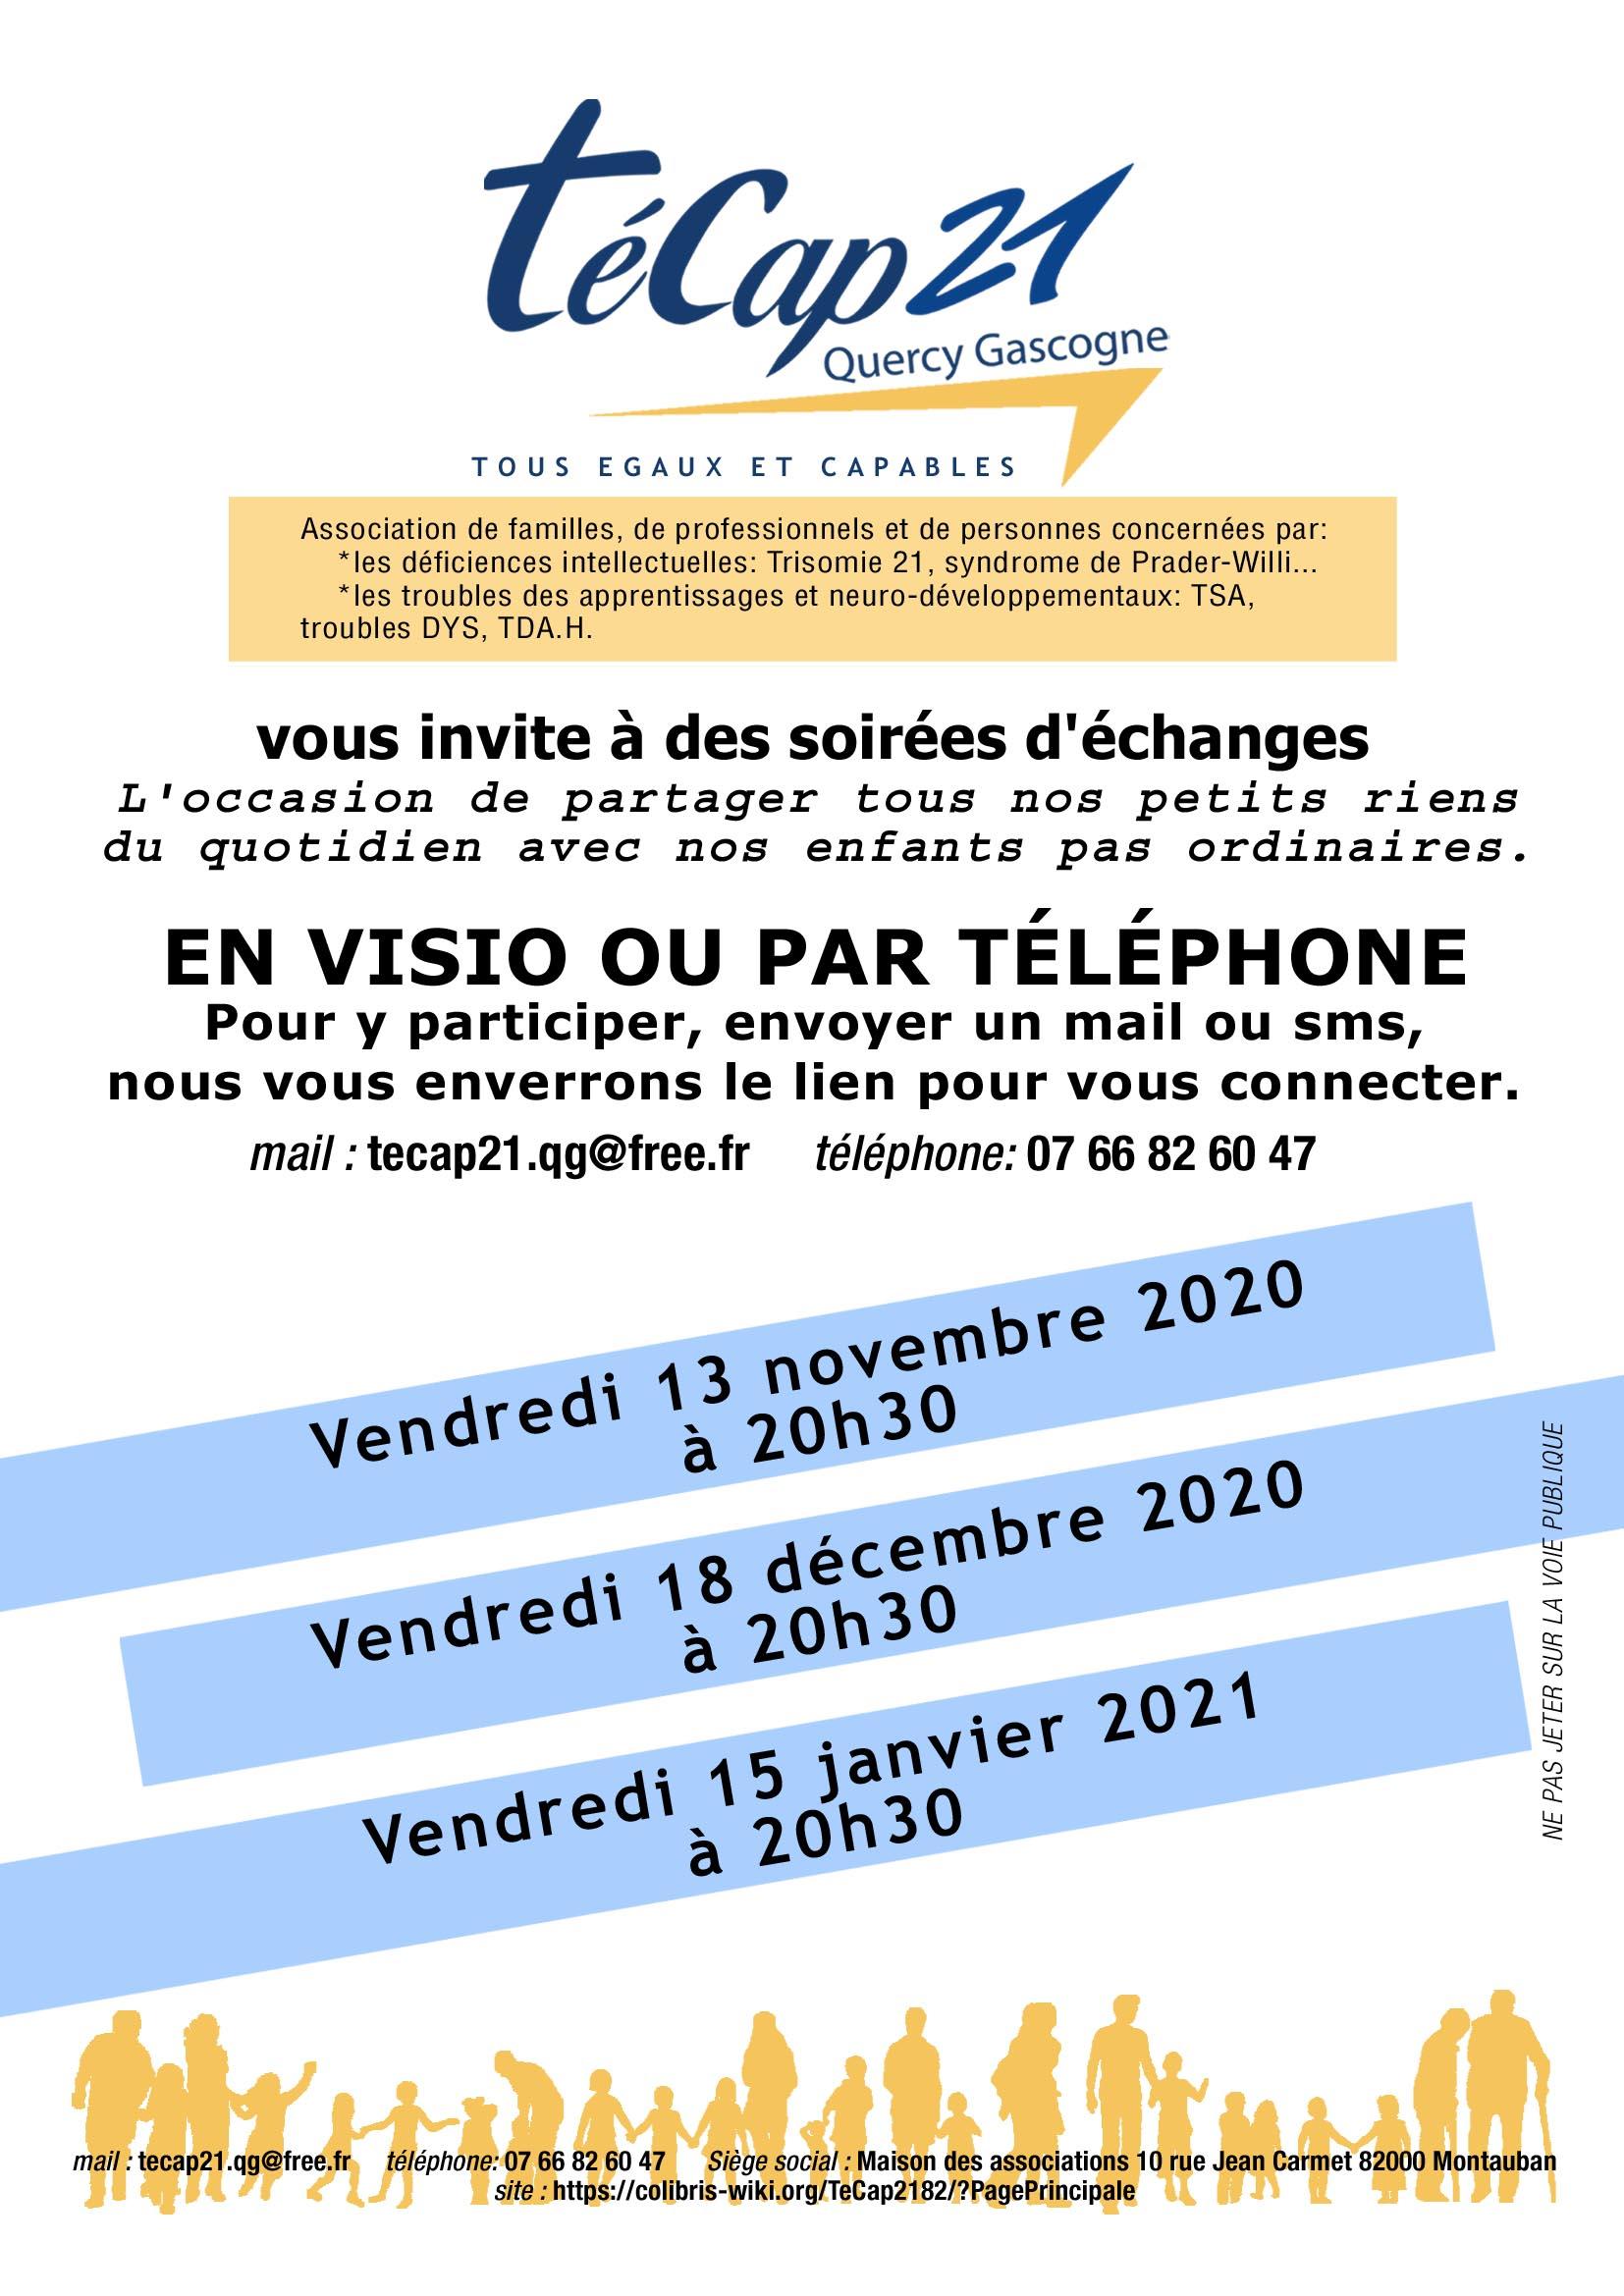 image TCap_soires_2021_A4.jpg (0.4MB)